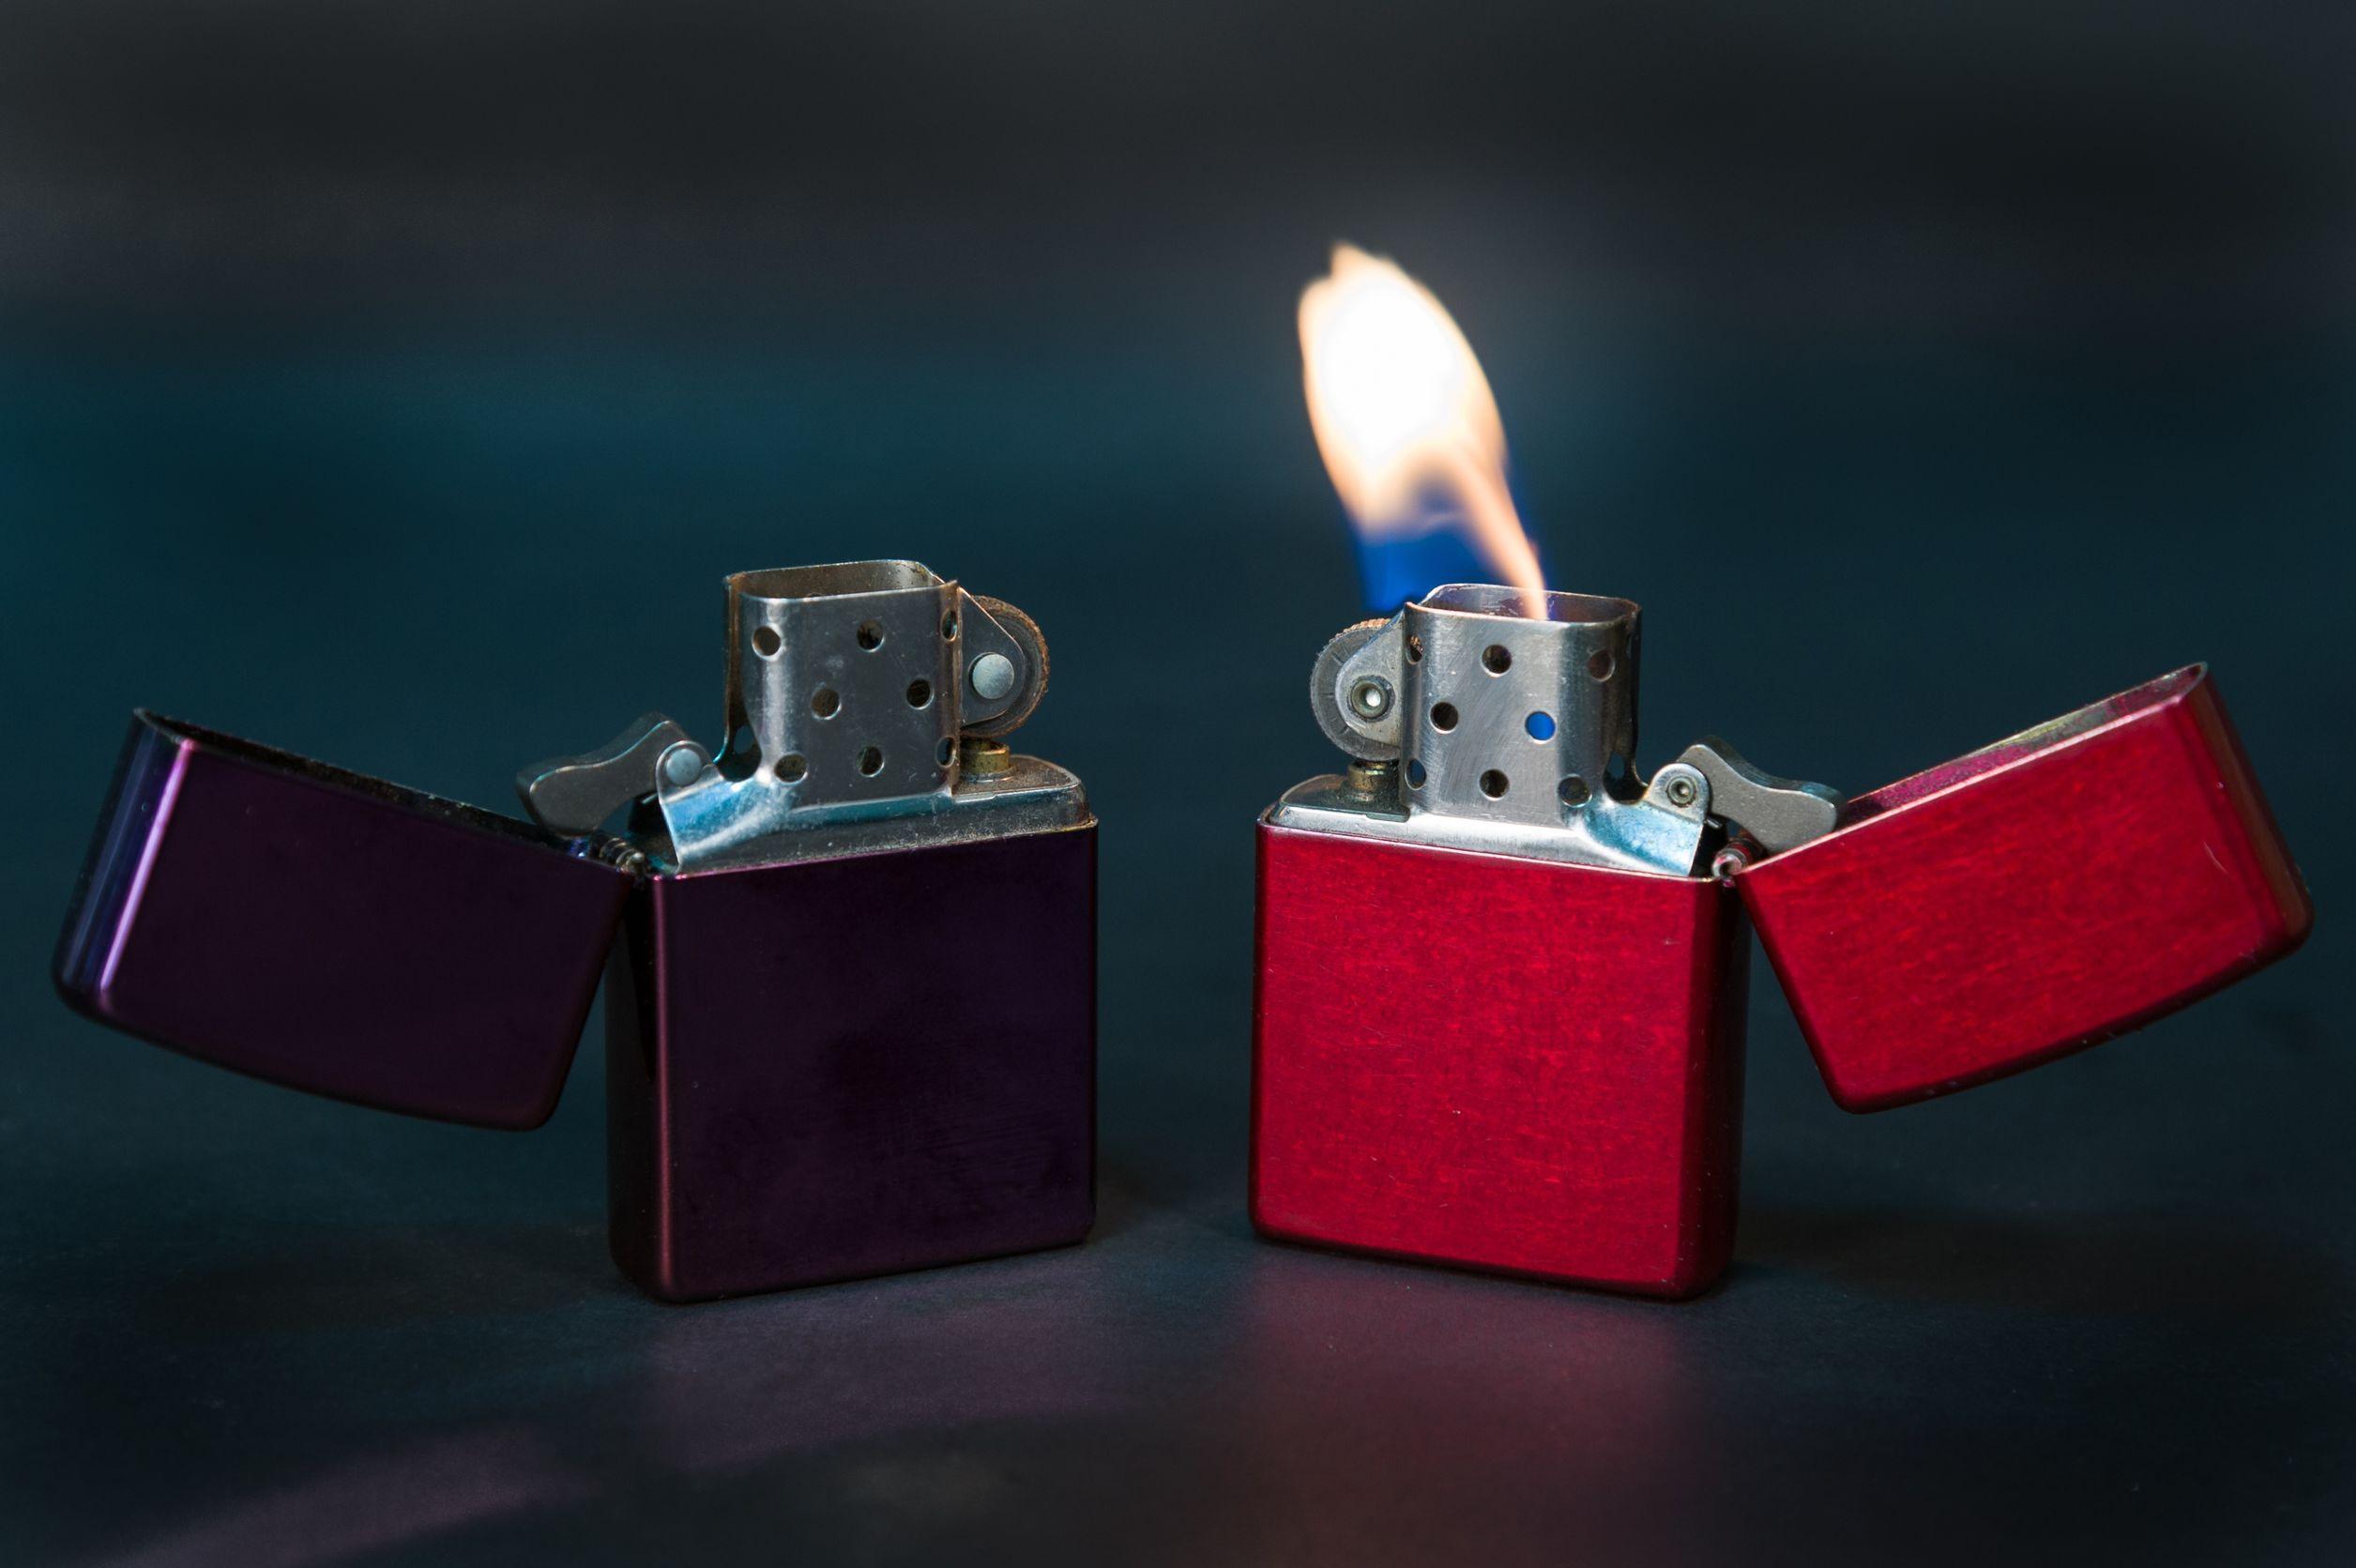 Lichtbogen Feuerzeug: Test & Empfehlungen (09/20)